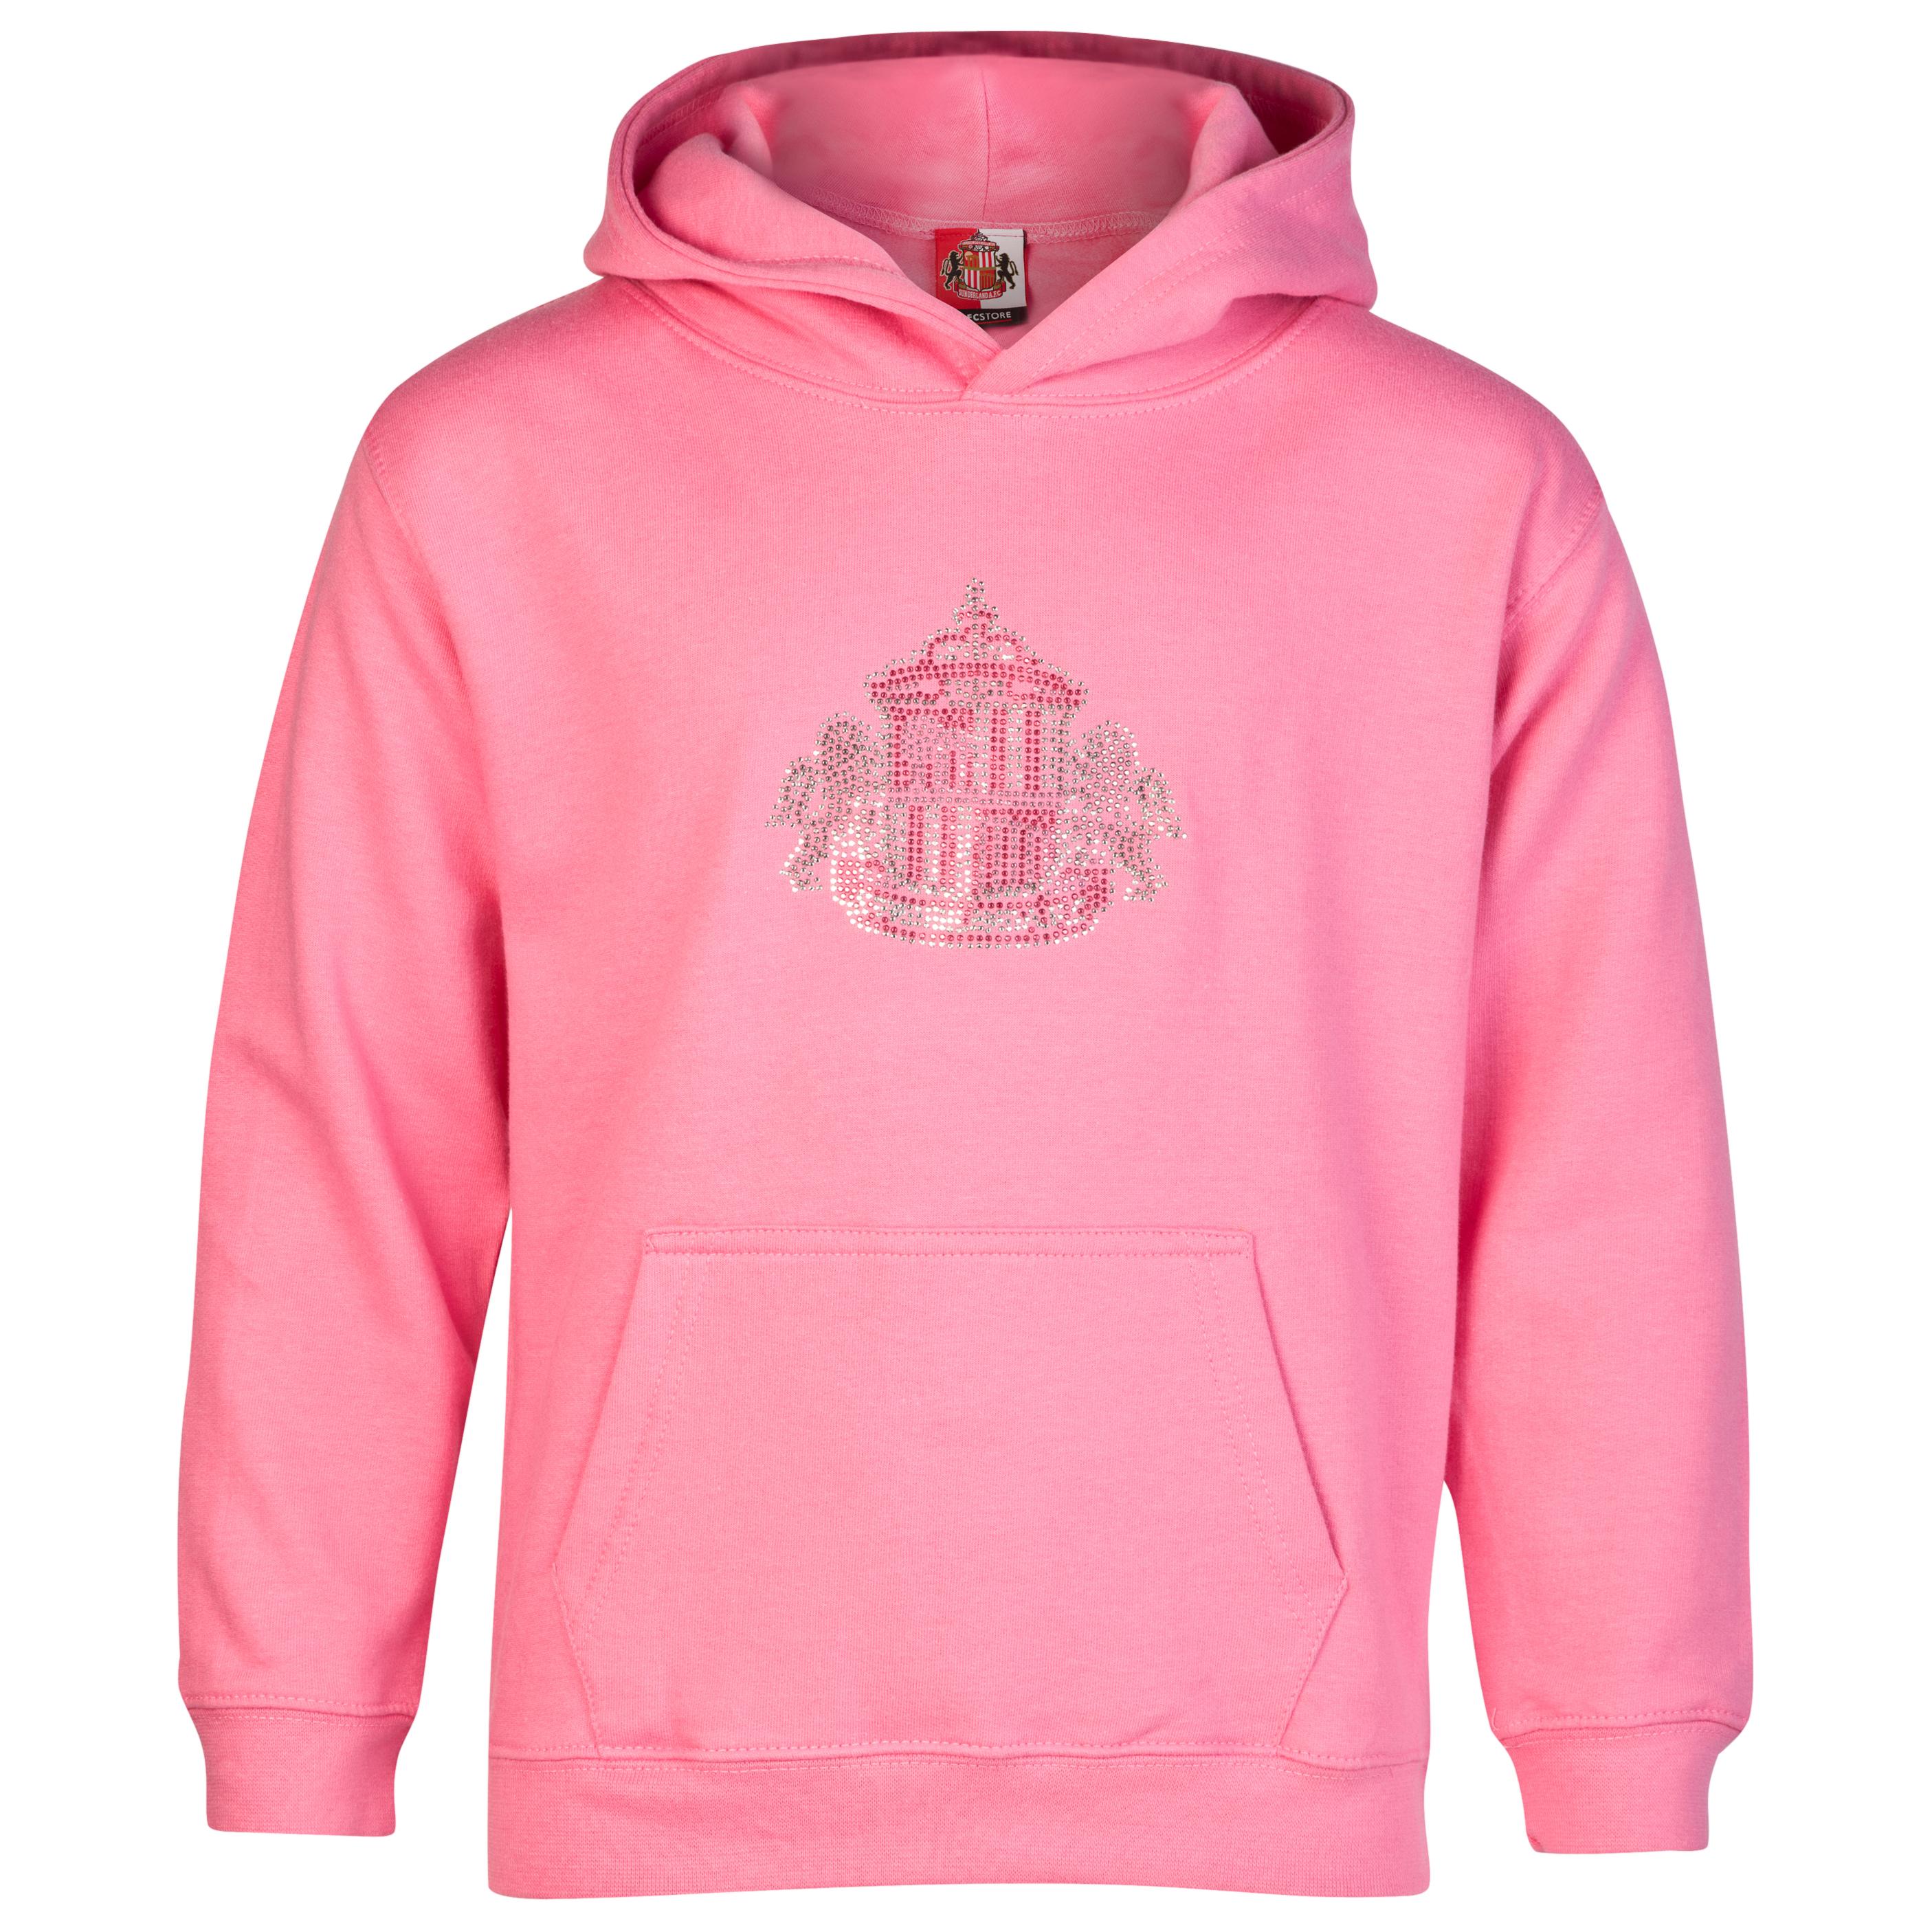 Sunderland Rhinestone Crest Hoodie - Candyfloss Pink - Older Girls